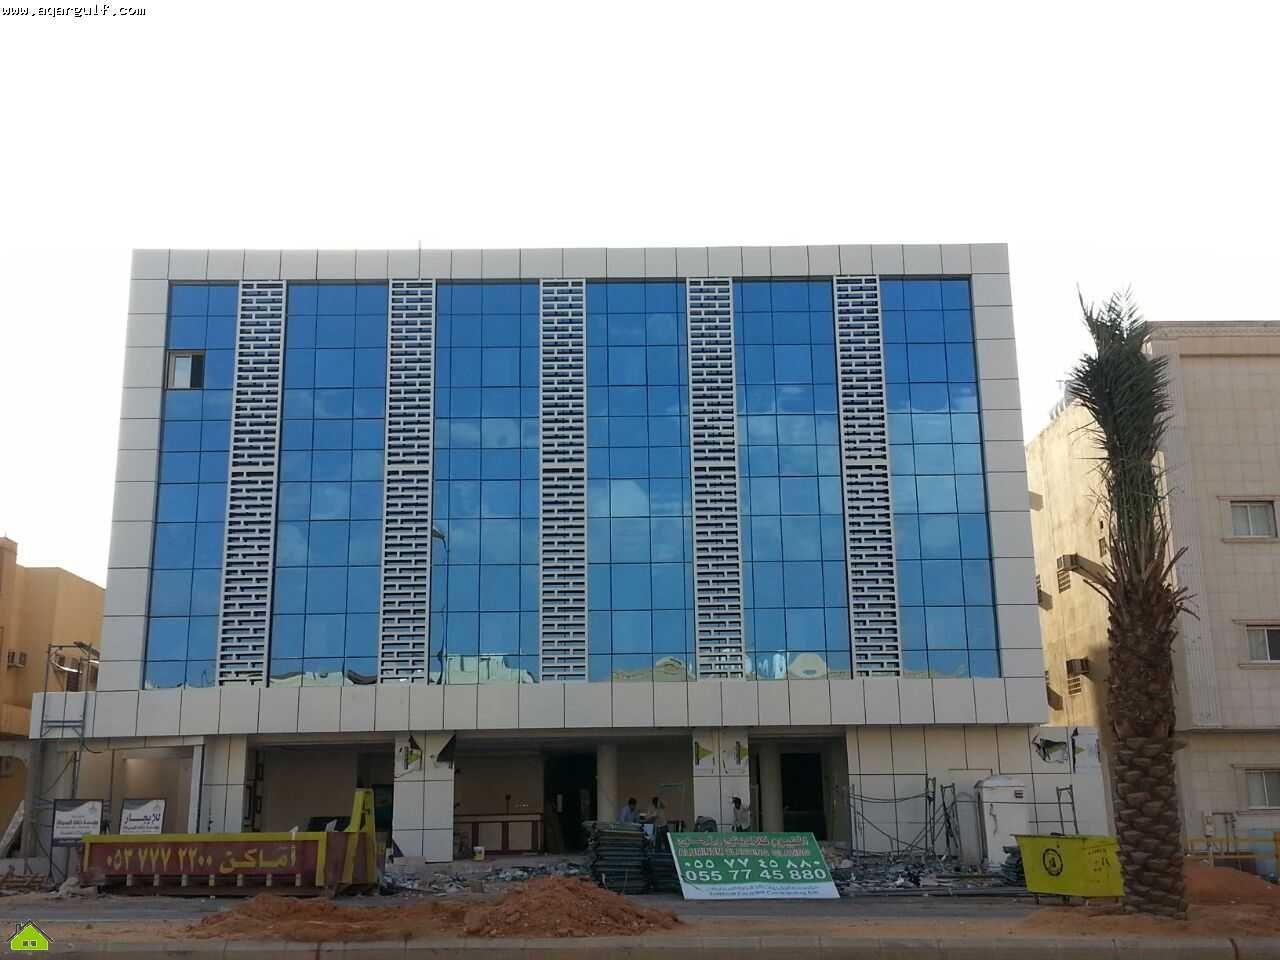 فرصة استثمارية عمارة شقق مفروشة شرق الرياض مساحة 980 م جديدة 42 شقق مفروشة مختلفة الاحجام والتوزيع تشطيب سوبر ديلوكس Structures Building Multi Story Building